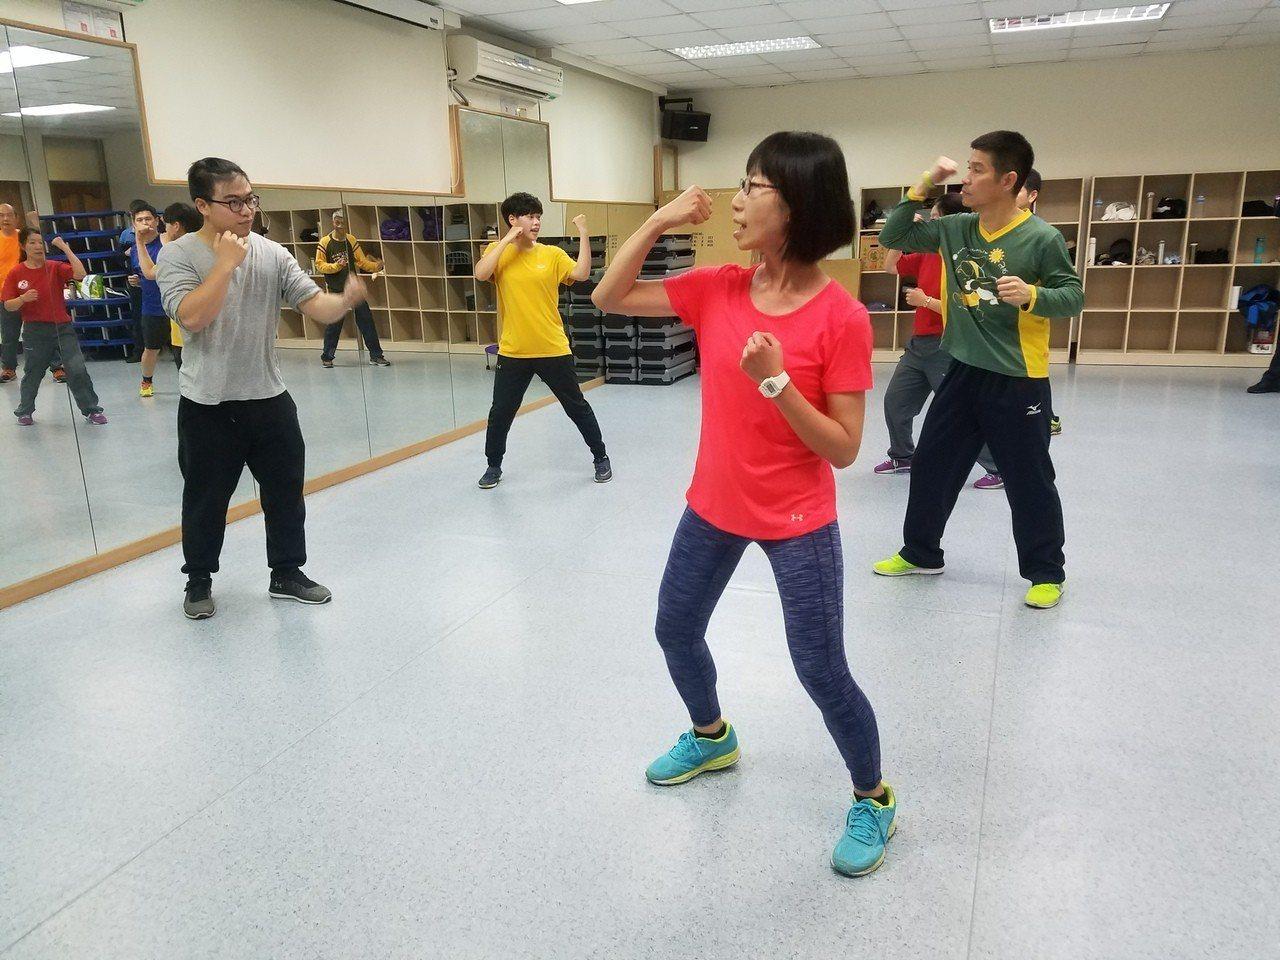 運管系大四生吳宣範(左一)曾在台元健身房擔任兼職教練。記者郭宣彣/攝影